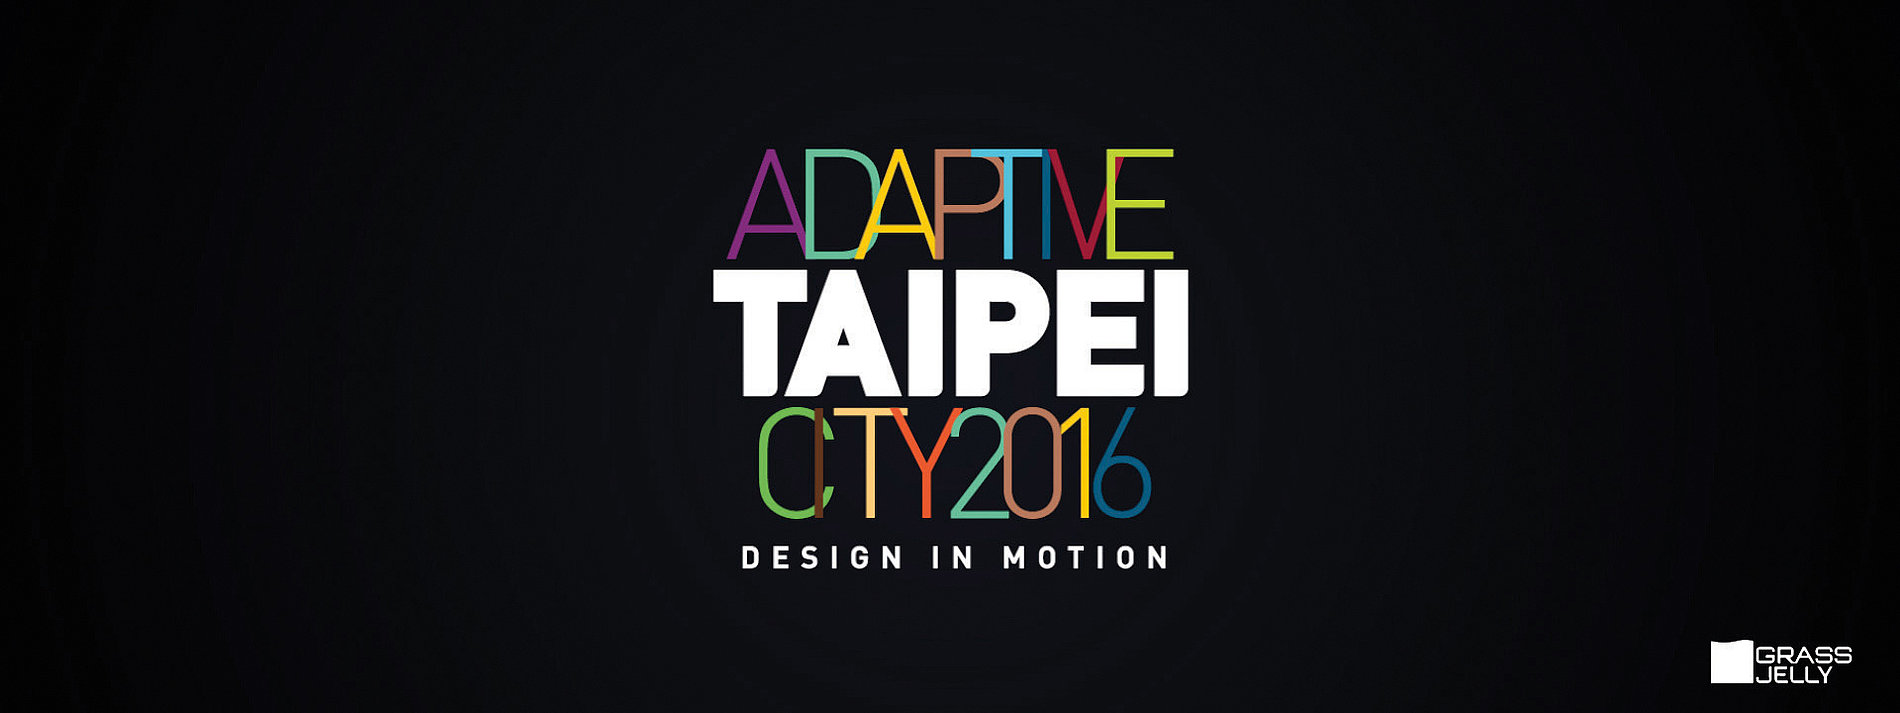 WDC 2016 Taipei Bid Video | Red Dot Design Award